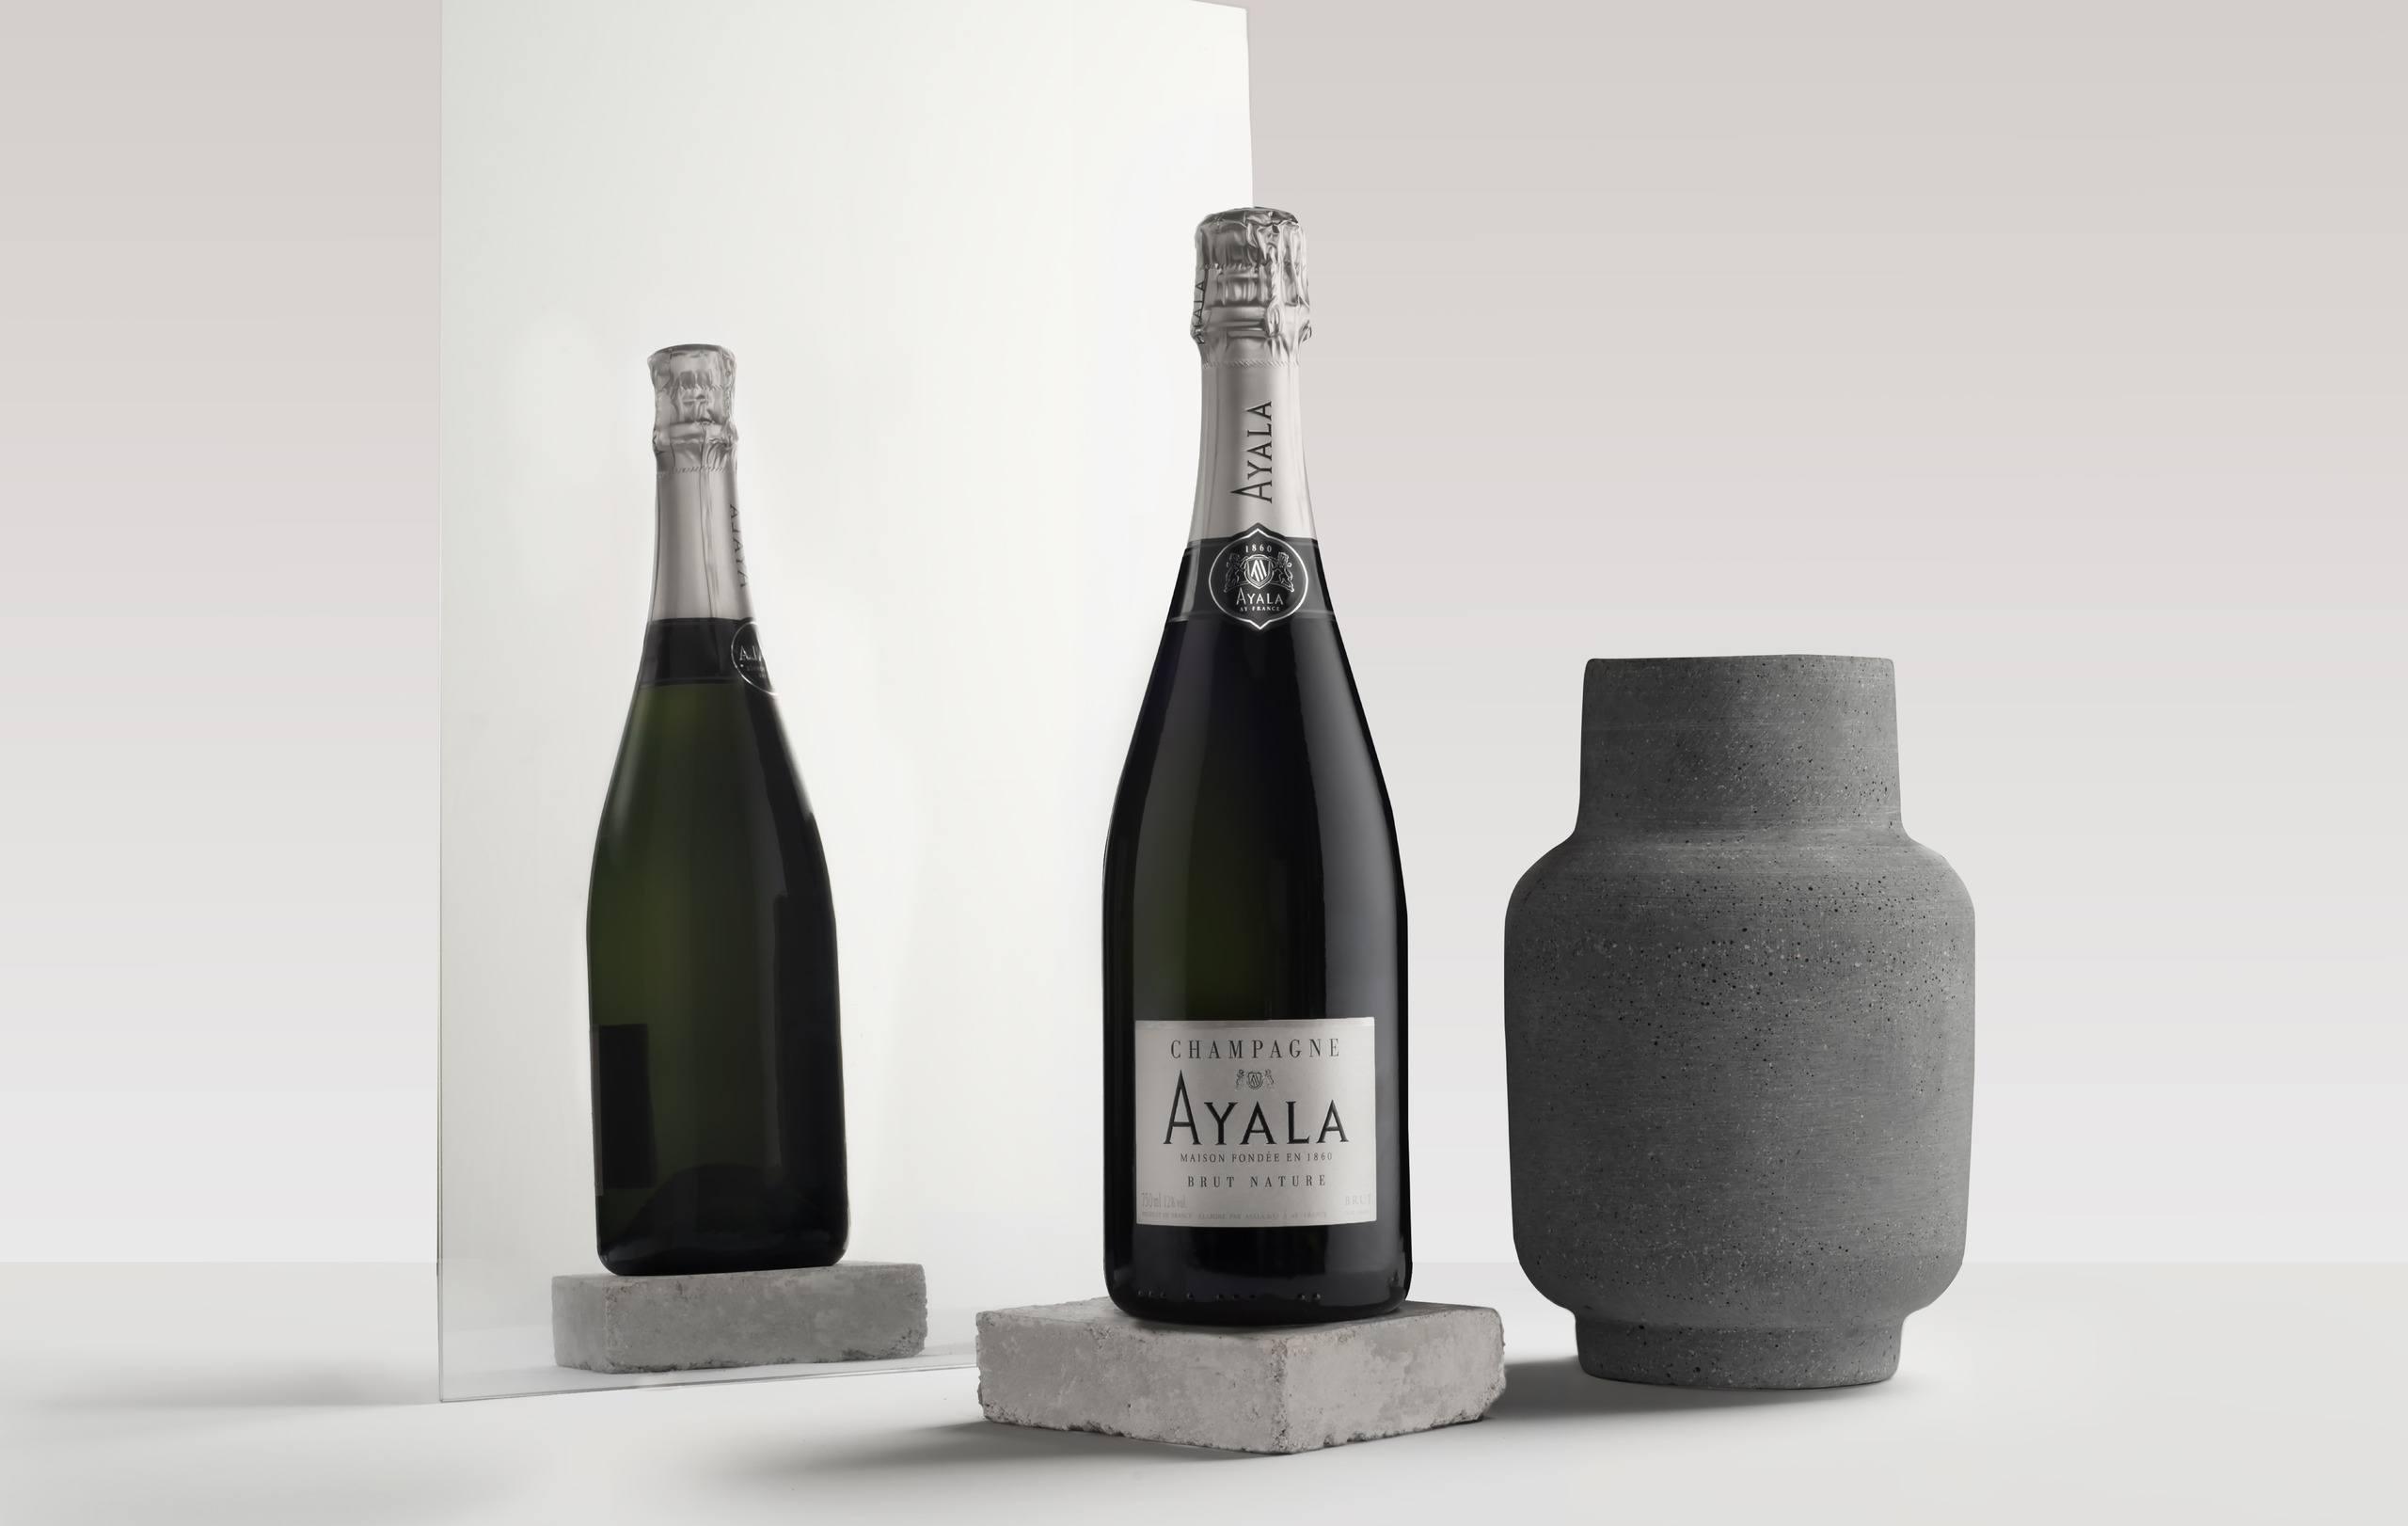 Brut Nature - Champagne Ayala